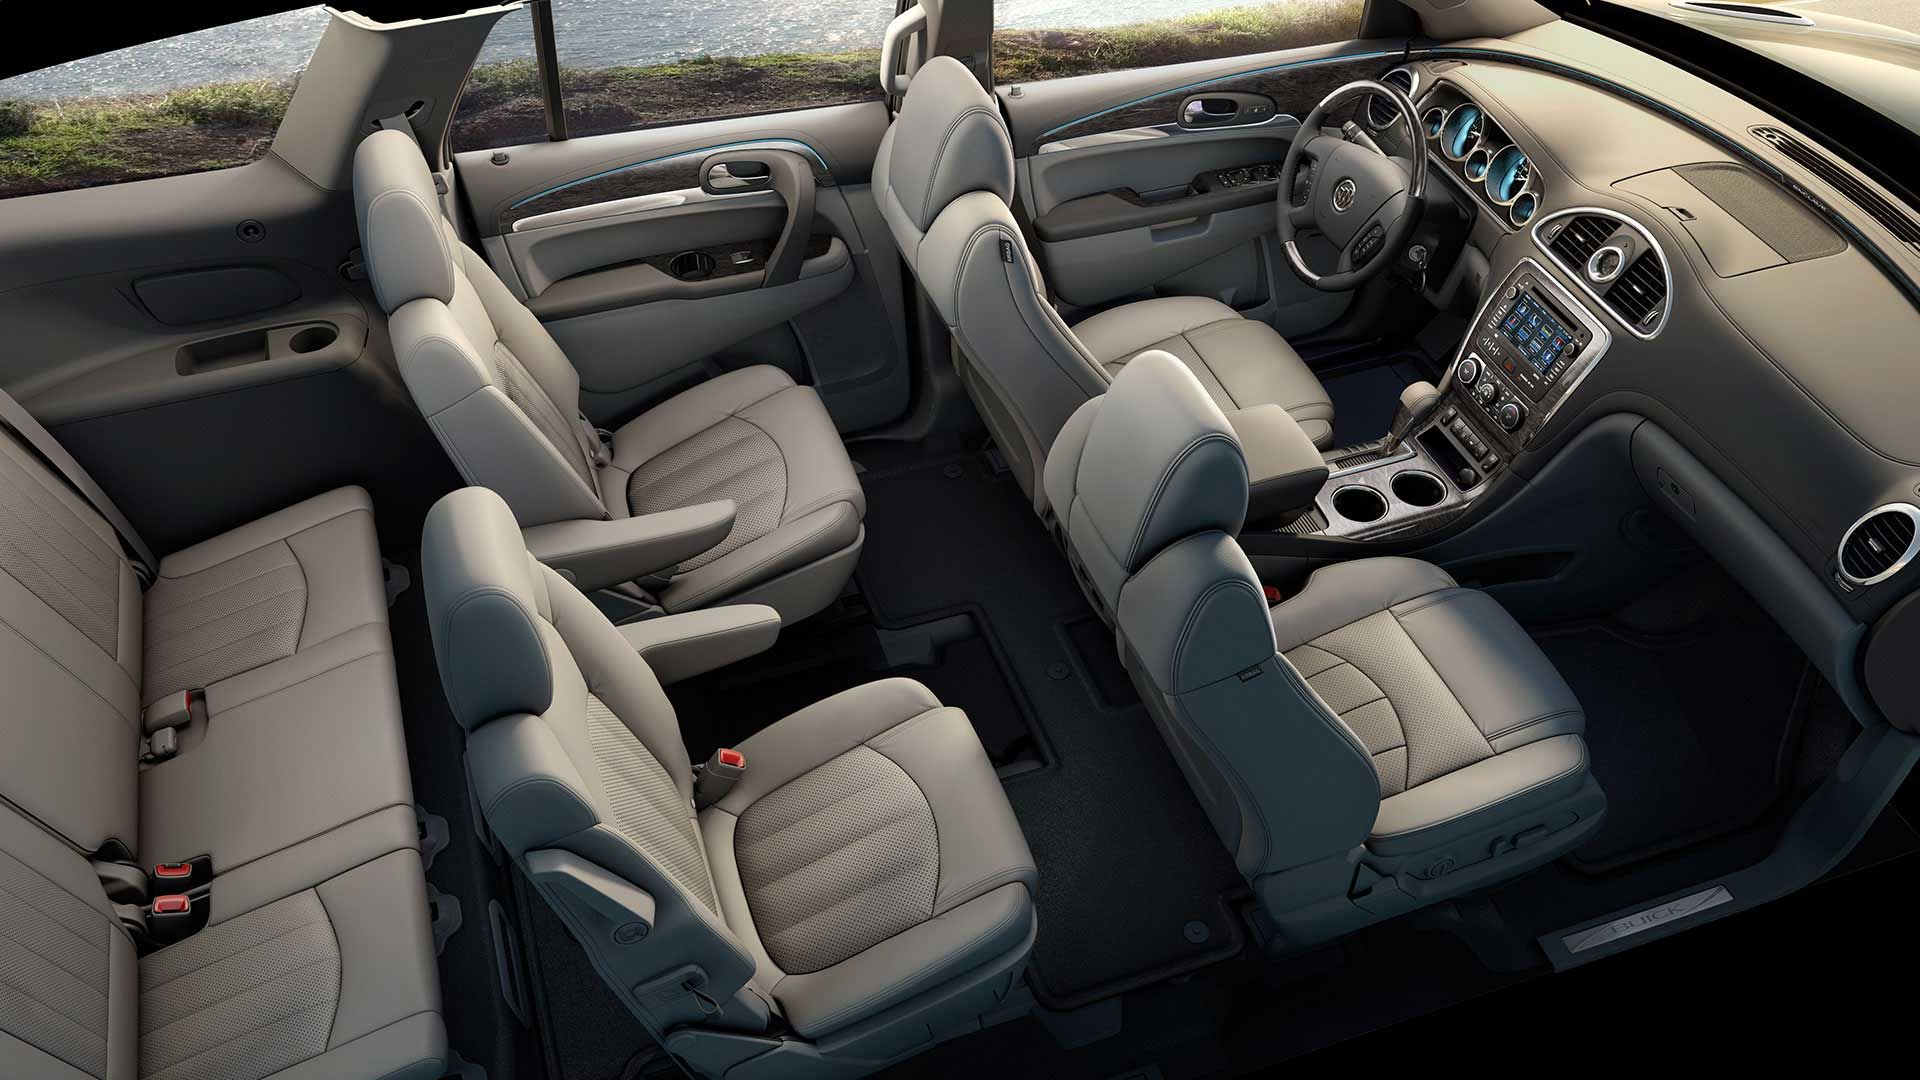 2014 Buick Enclave Luxury Crossover SUV | Interior Photos ...